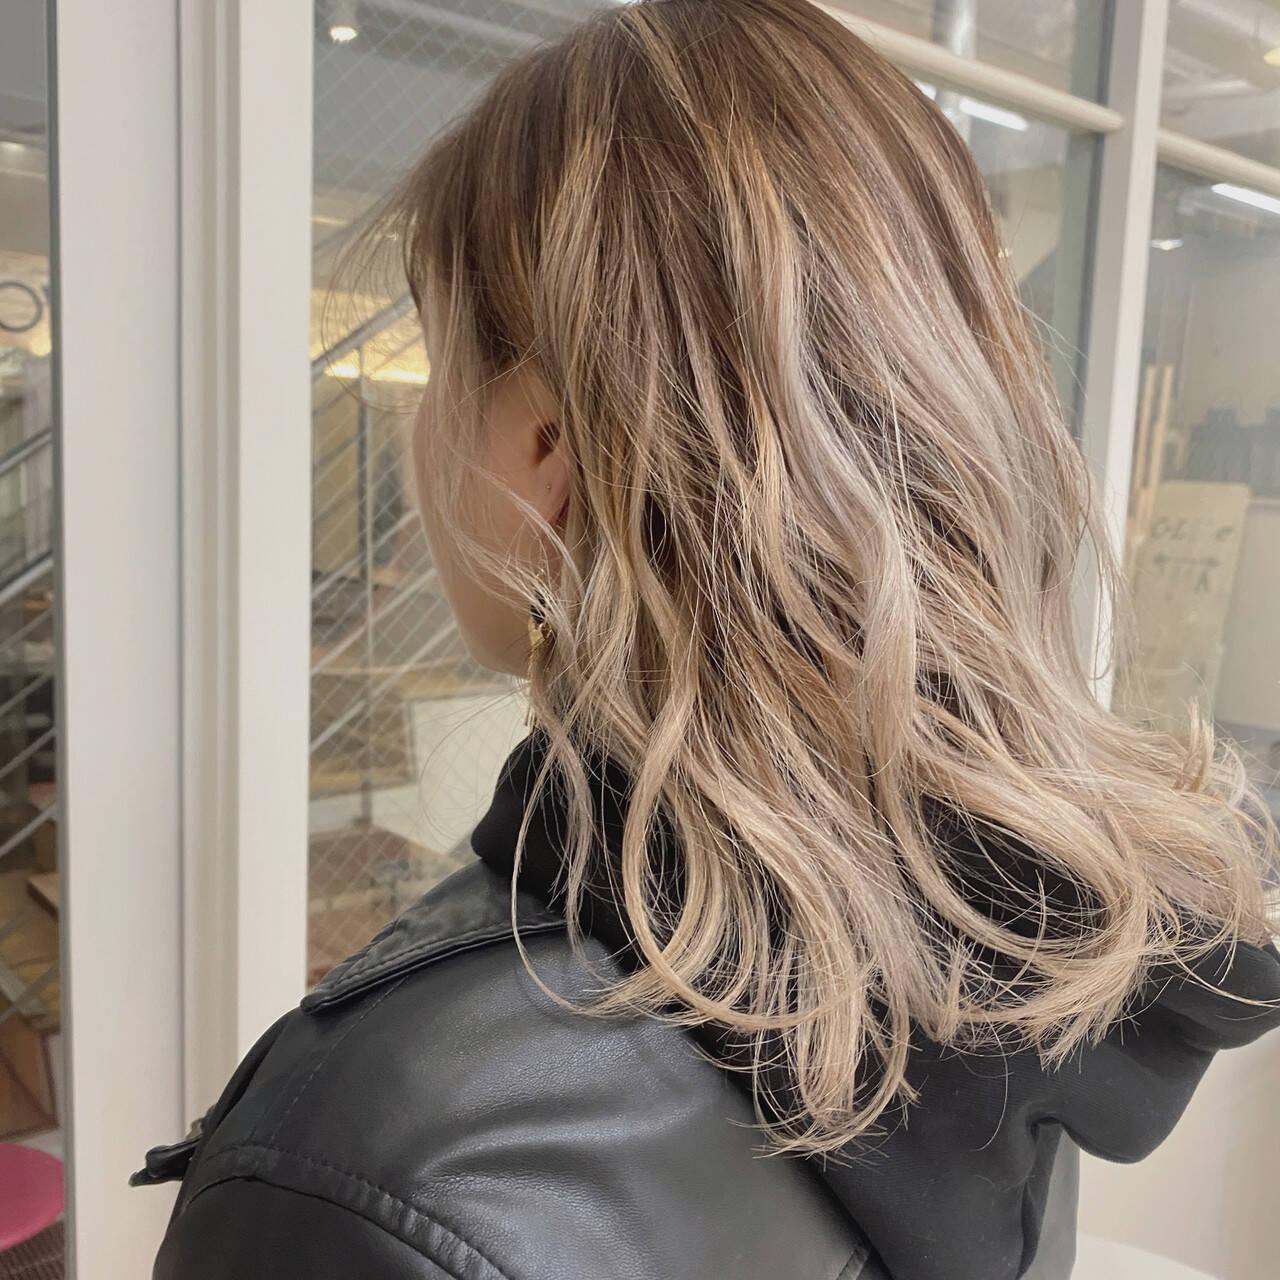 ストリート ブロンド ミディアム ハイトーンカラーヘアスタイルや髪型の写真・画像